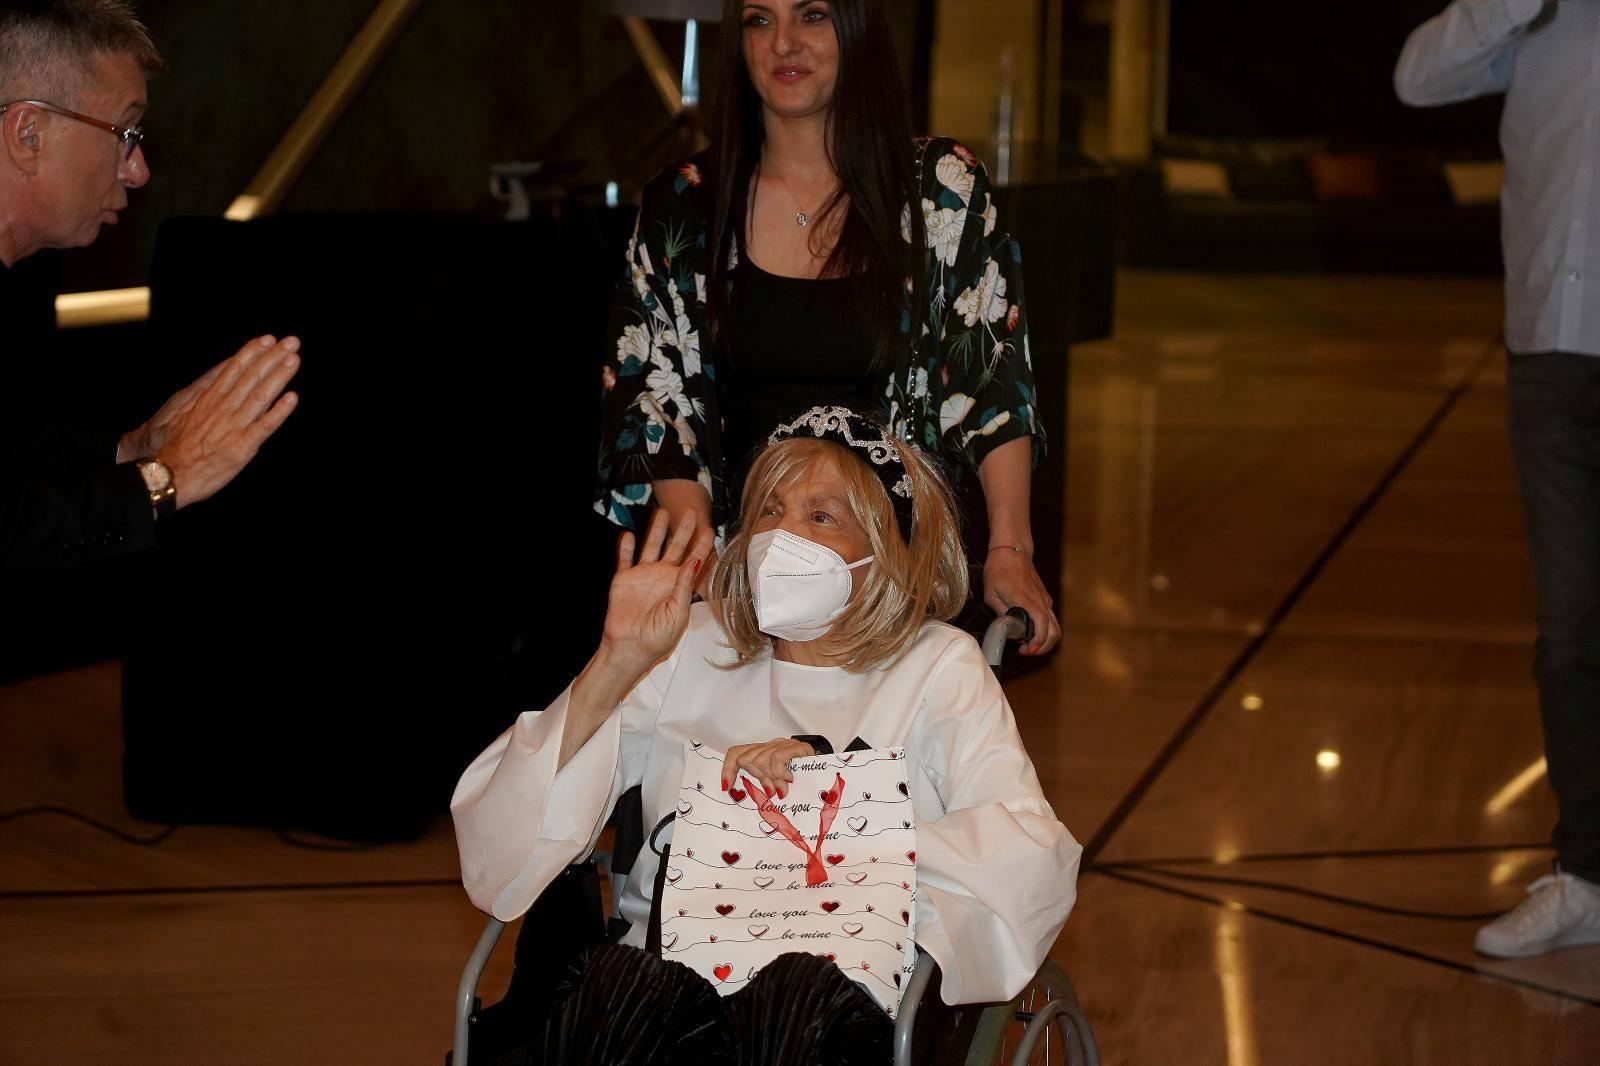 Marina Tucaković pojavila se u javnosti nakon dugo vremena, u kolicama rasplakala sve kolege